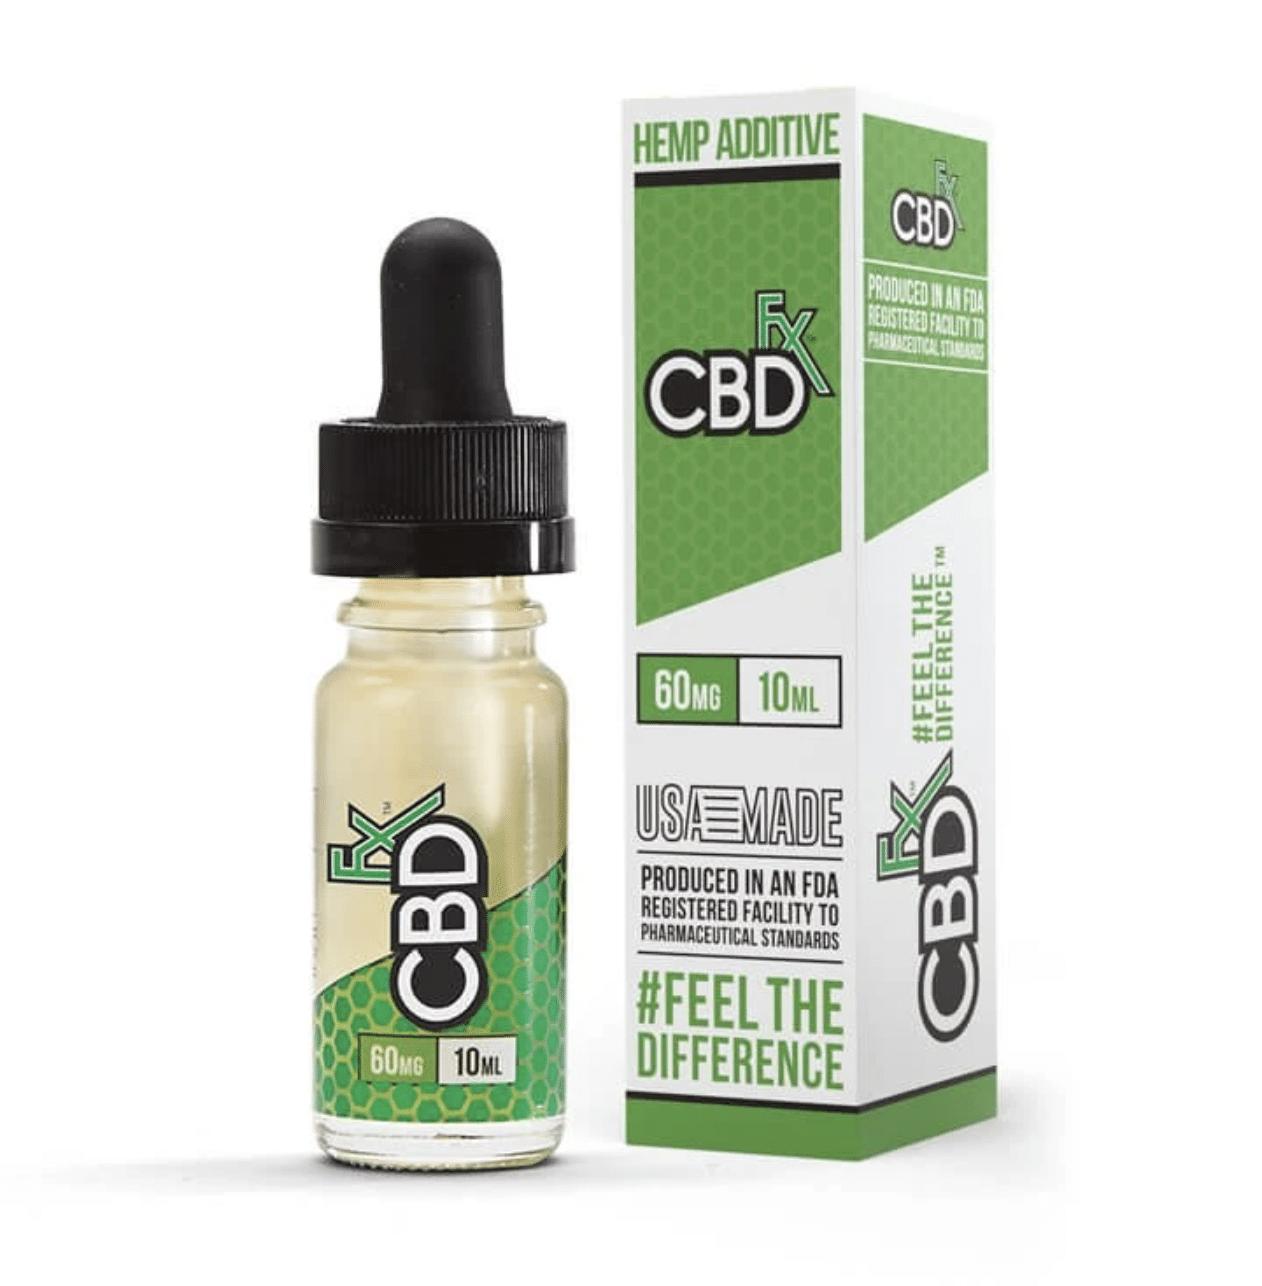 CBDfx CBD Vape Oil